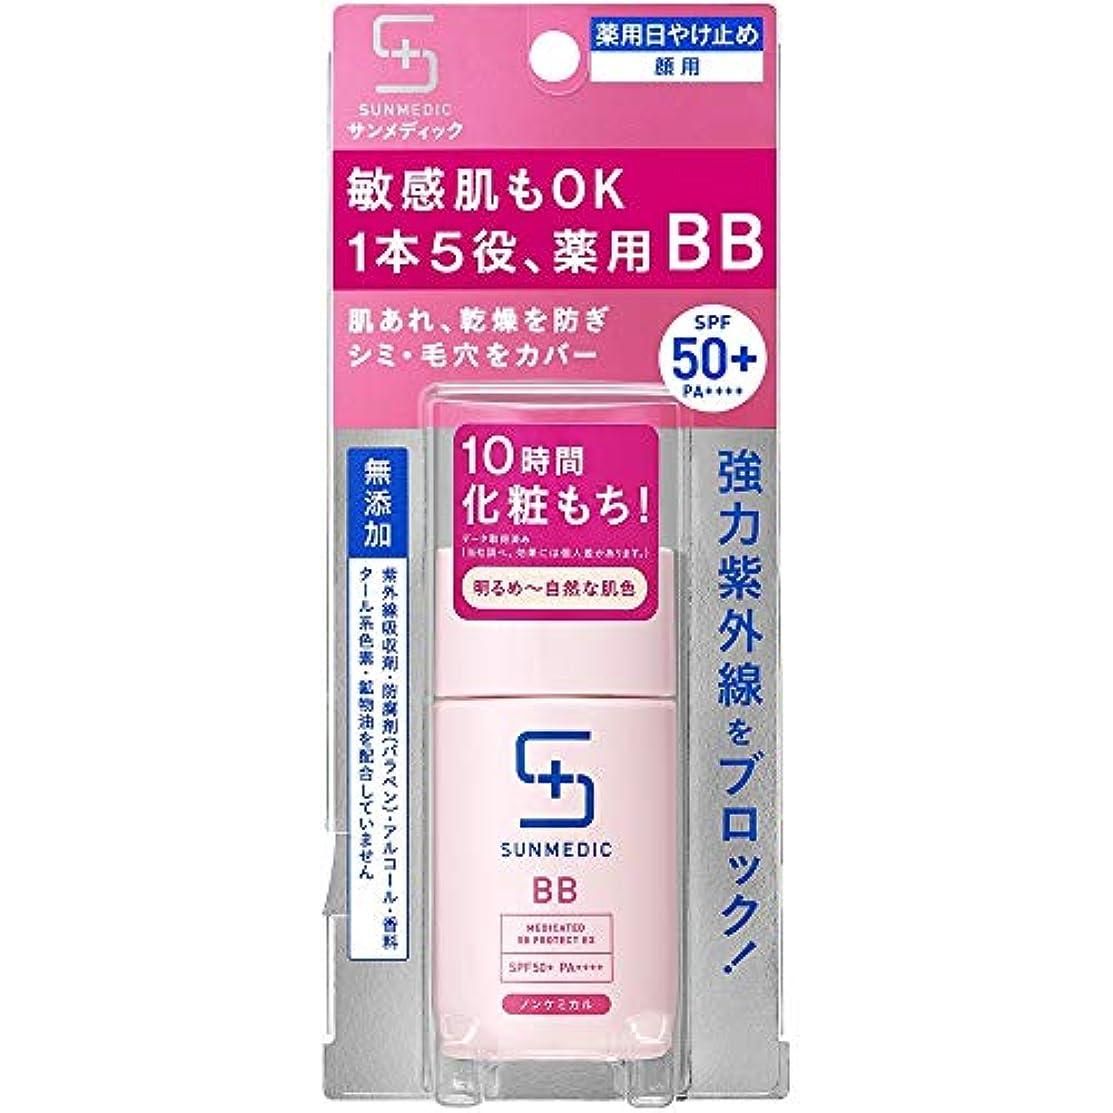 同等の床を掃除するカップサンメディックUV 薬用BBプロテクトEX ライト 30ml (医薬部外品)